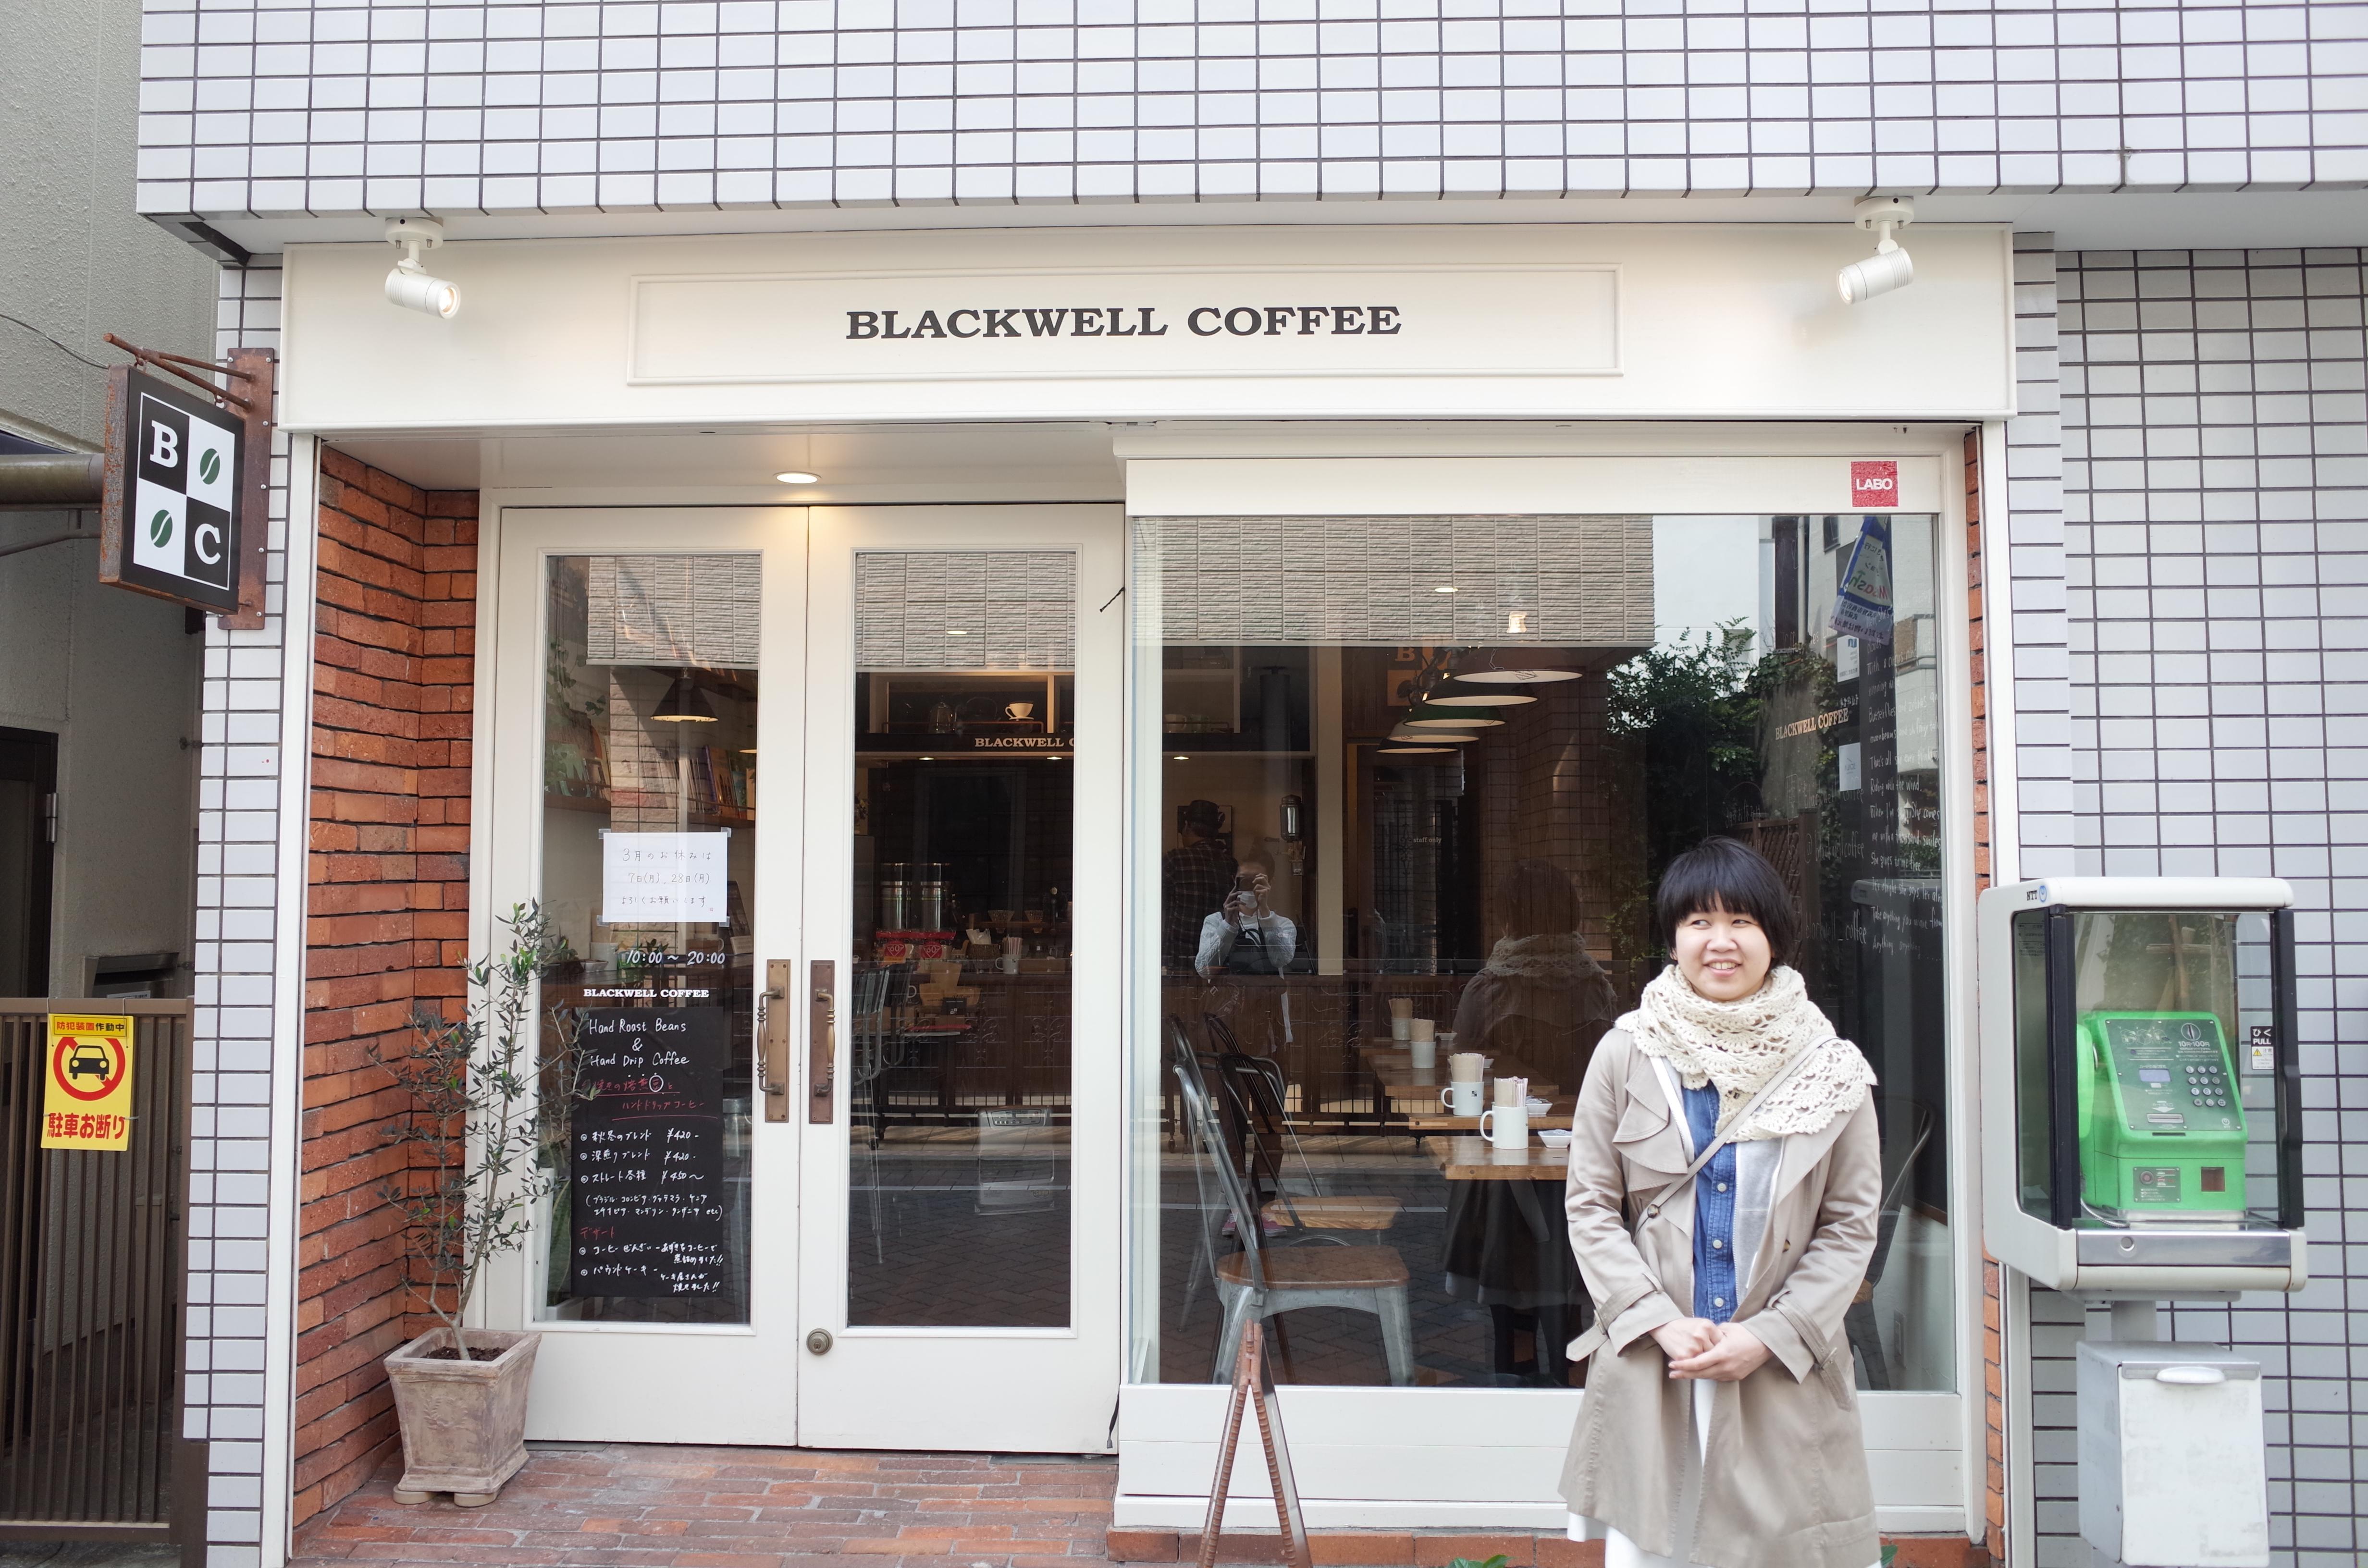 吉祥寺 BLACK WELL COFFEEで味わうこだわりコーヒー!